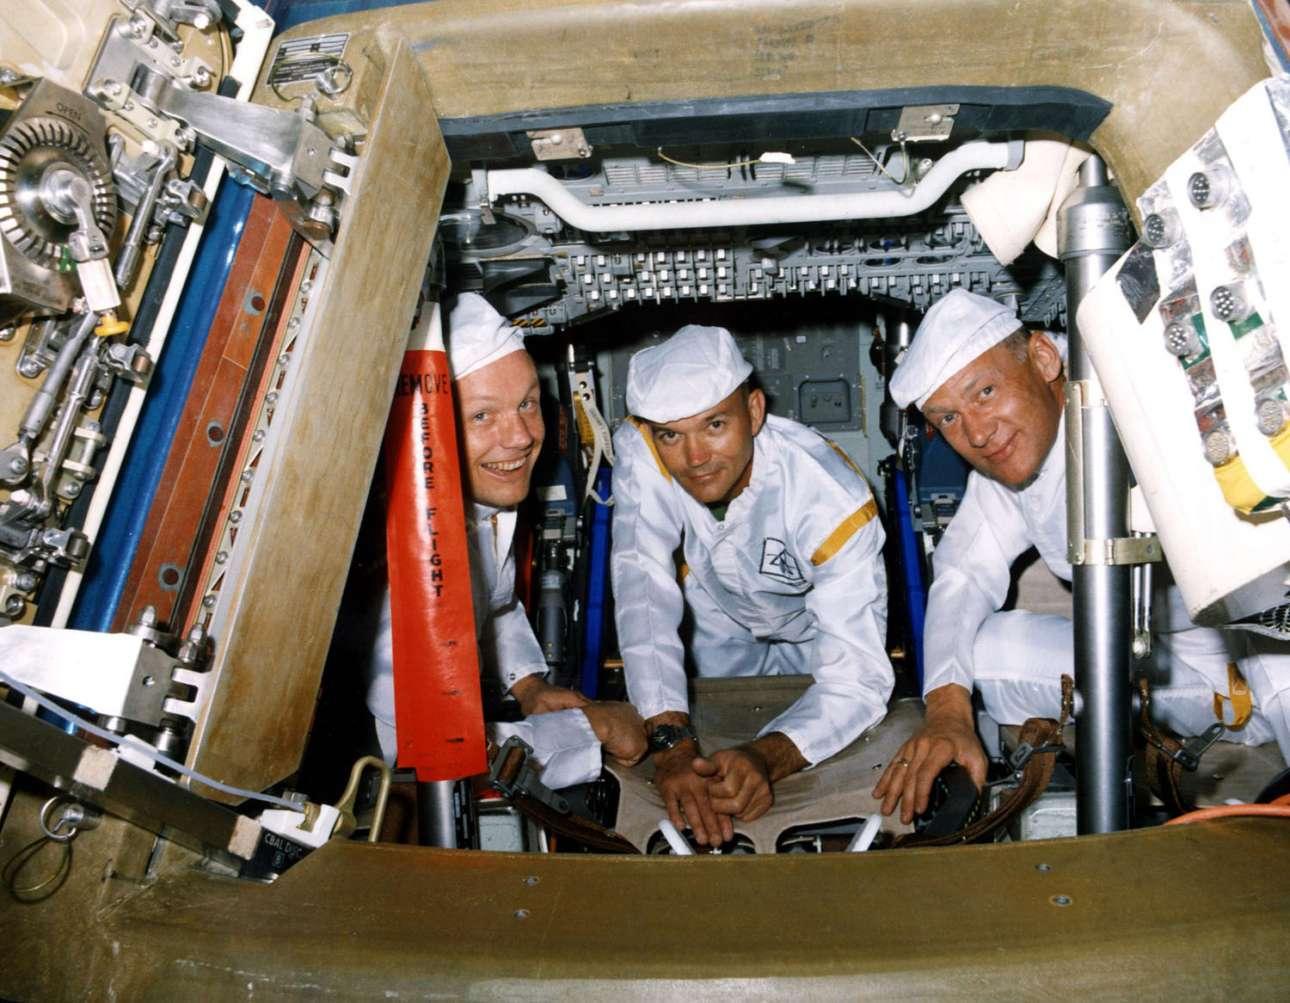 Μία αναμνηστική φωτό για τα τρία μέλη της αποστολής, στς 10 Ιουνίου του 1969